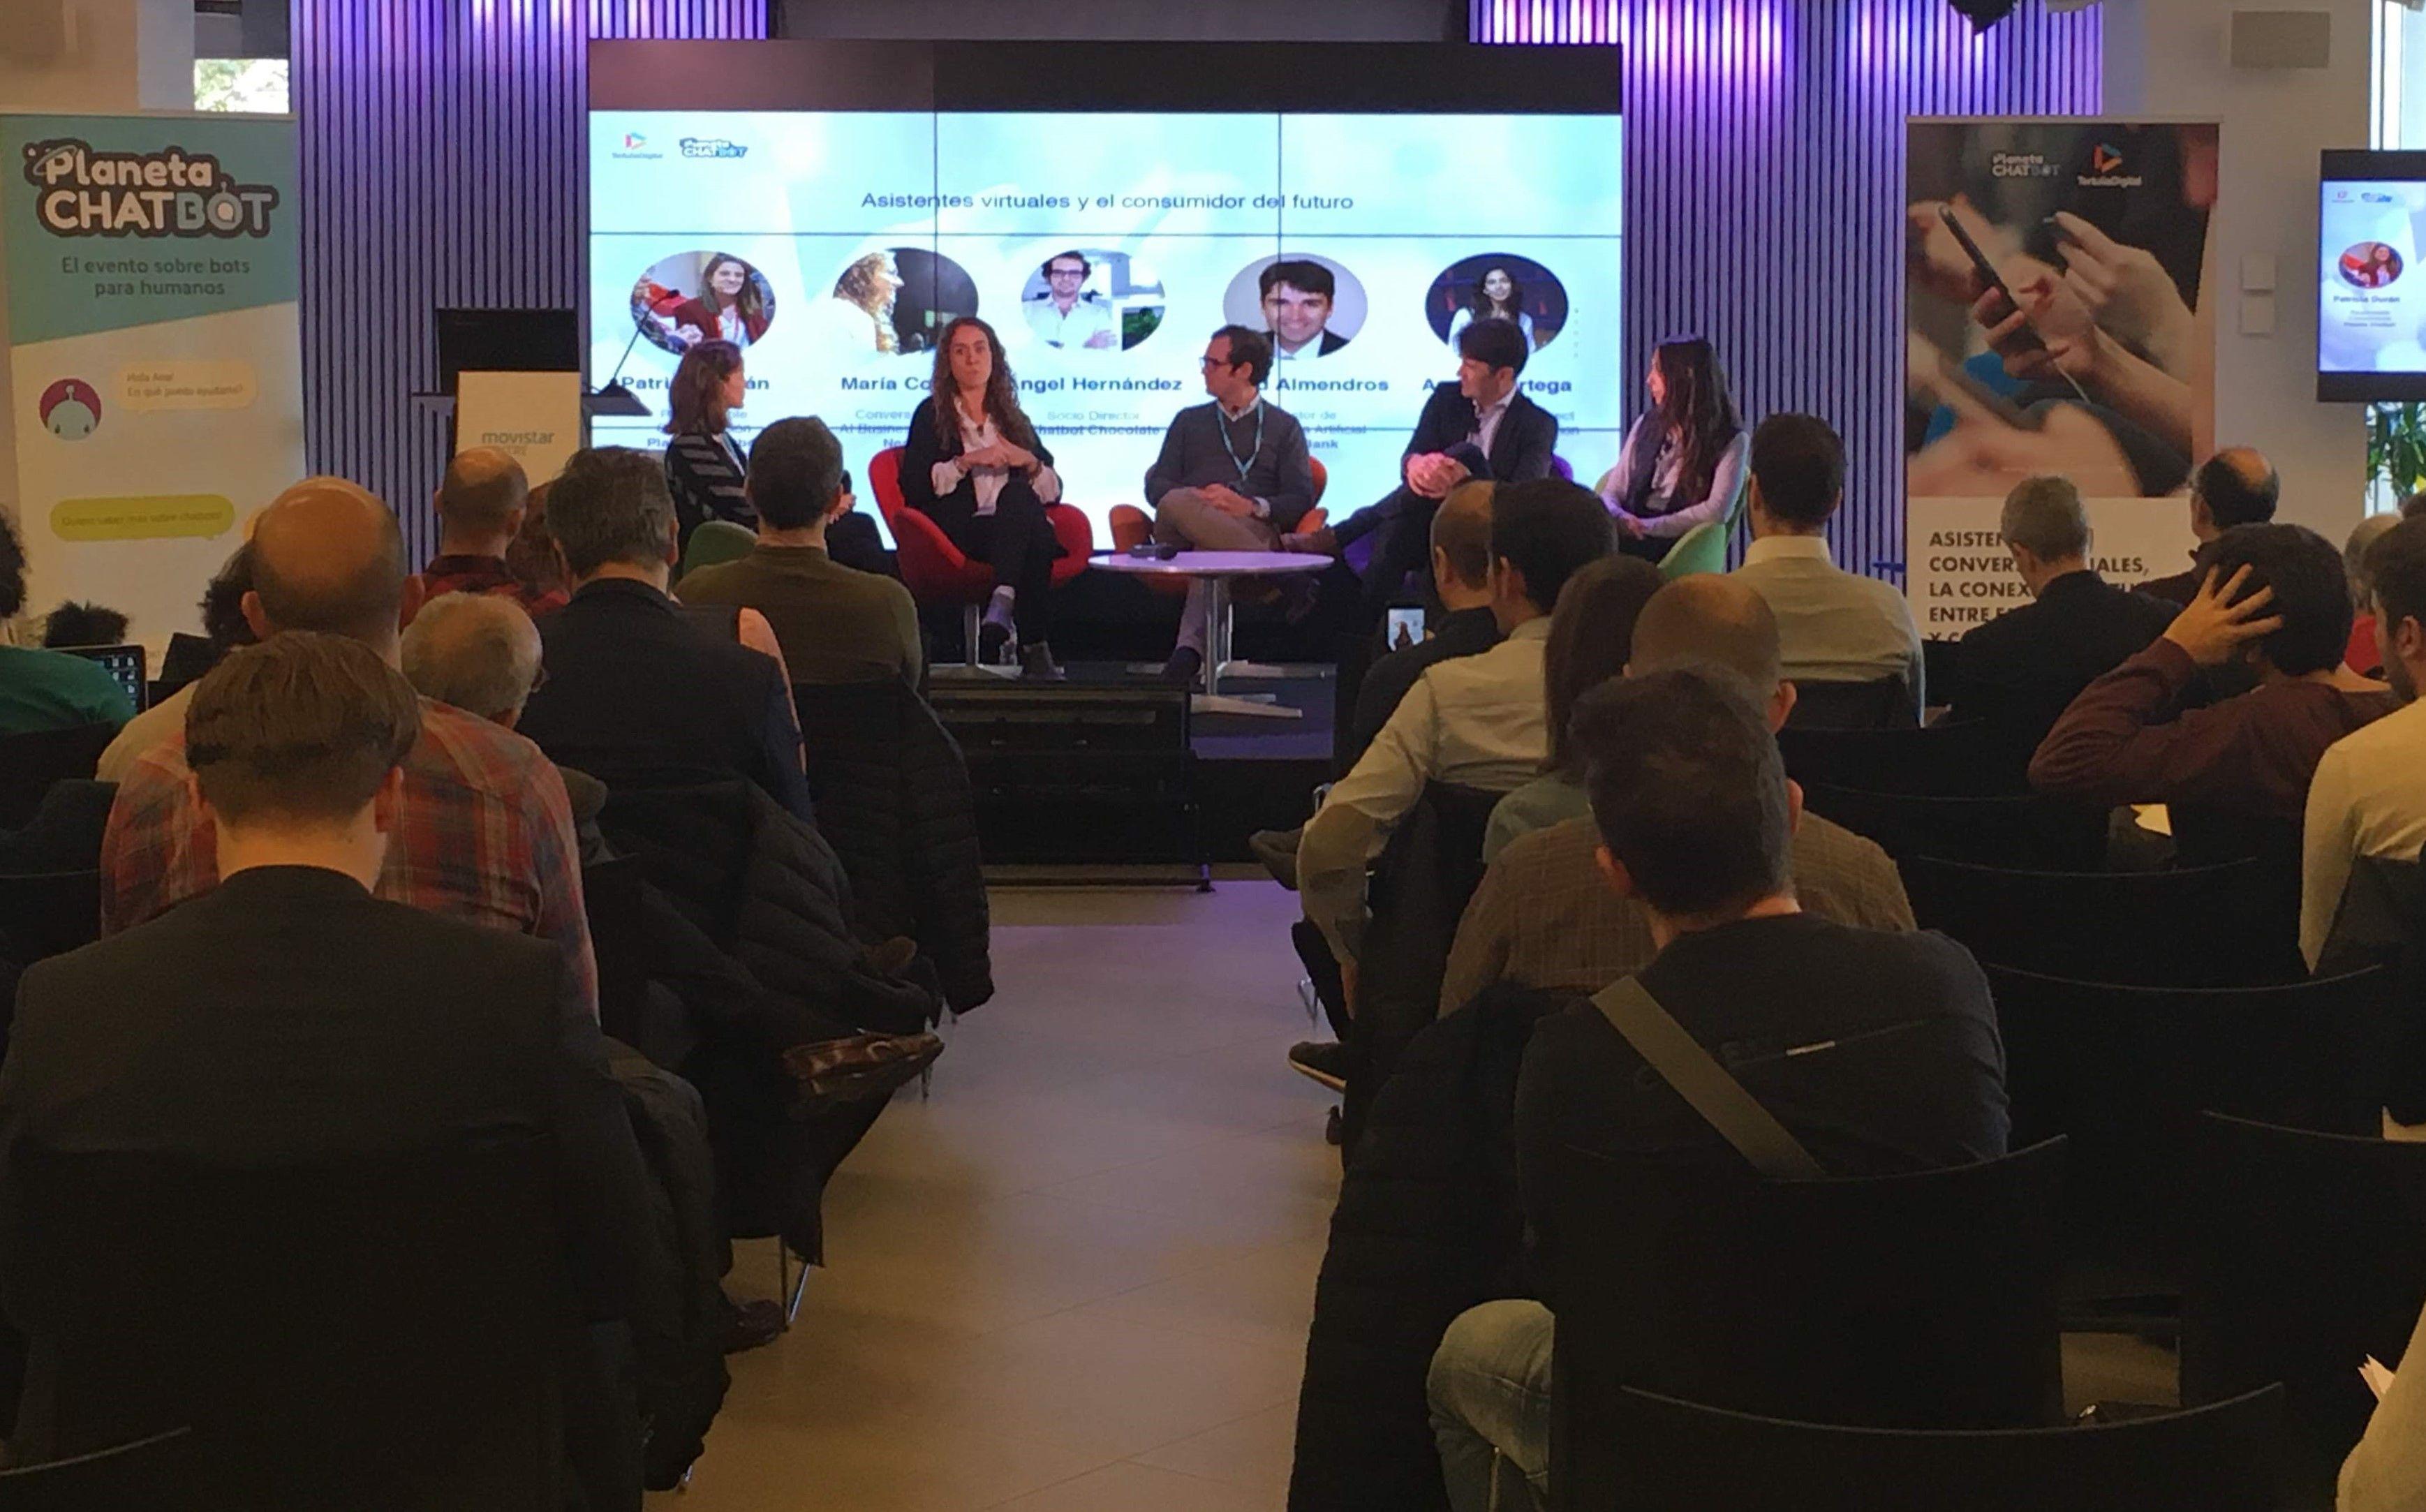 Planeta Chatbot y Tertulia Digital organizaron ayer el segundo Planeta Chatbot Day en Barcelona